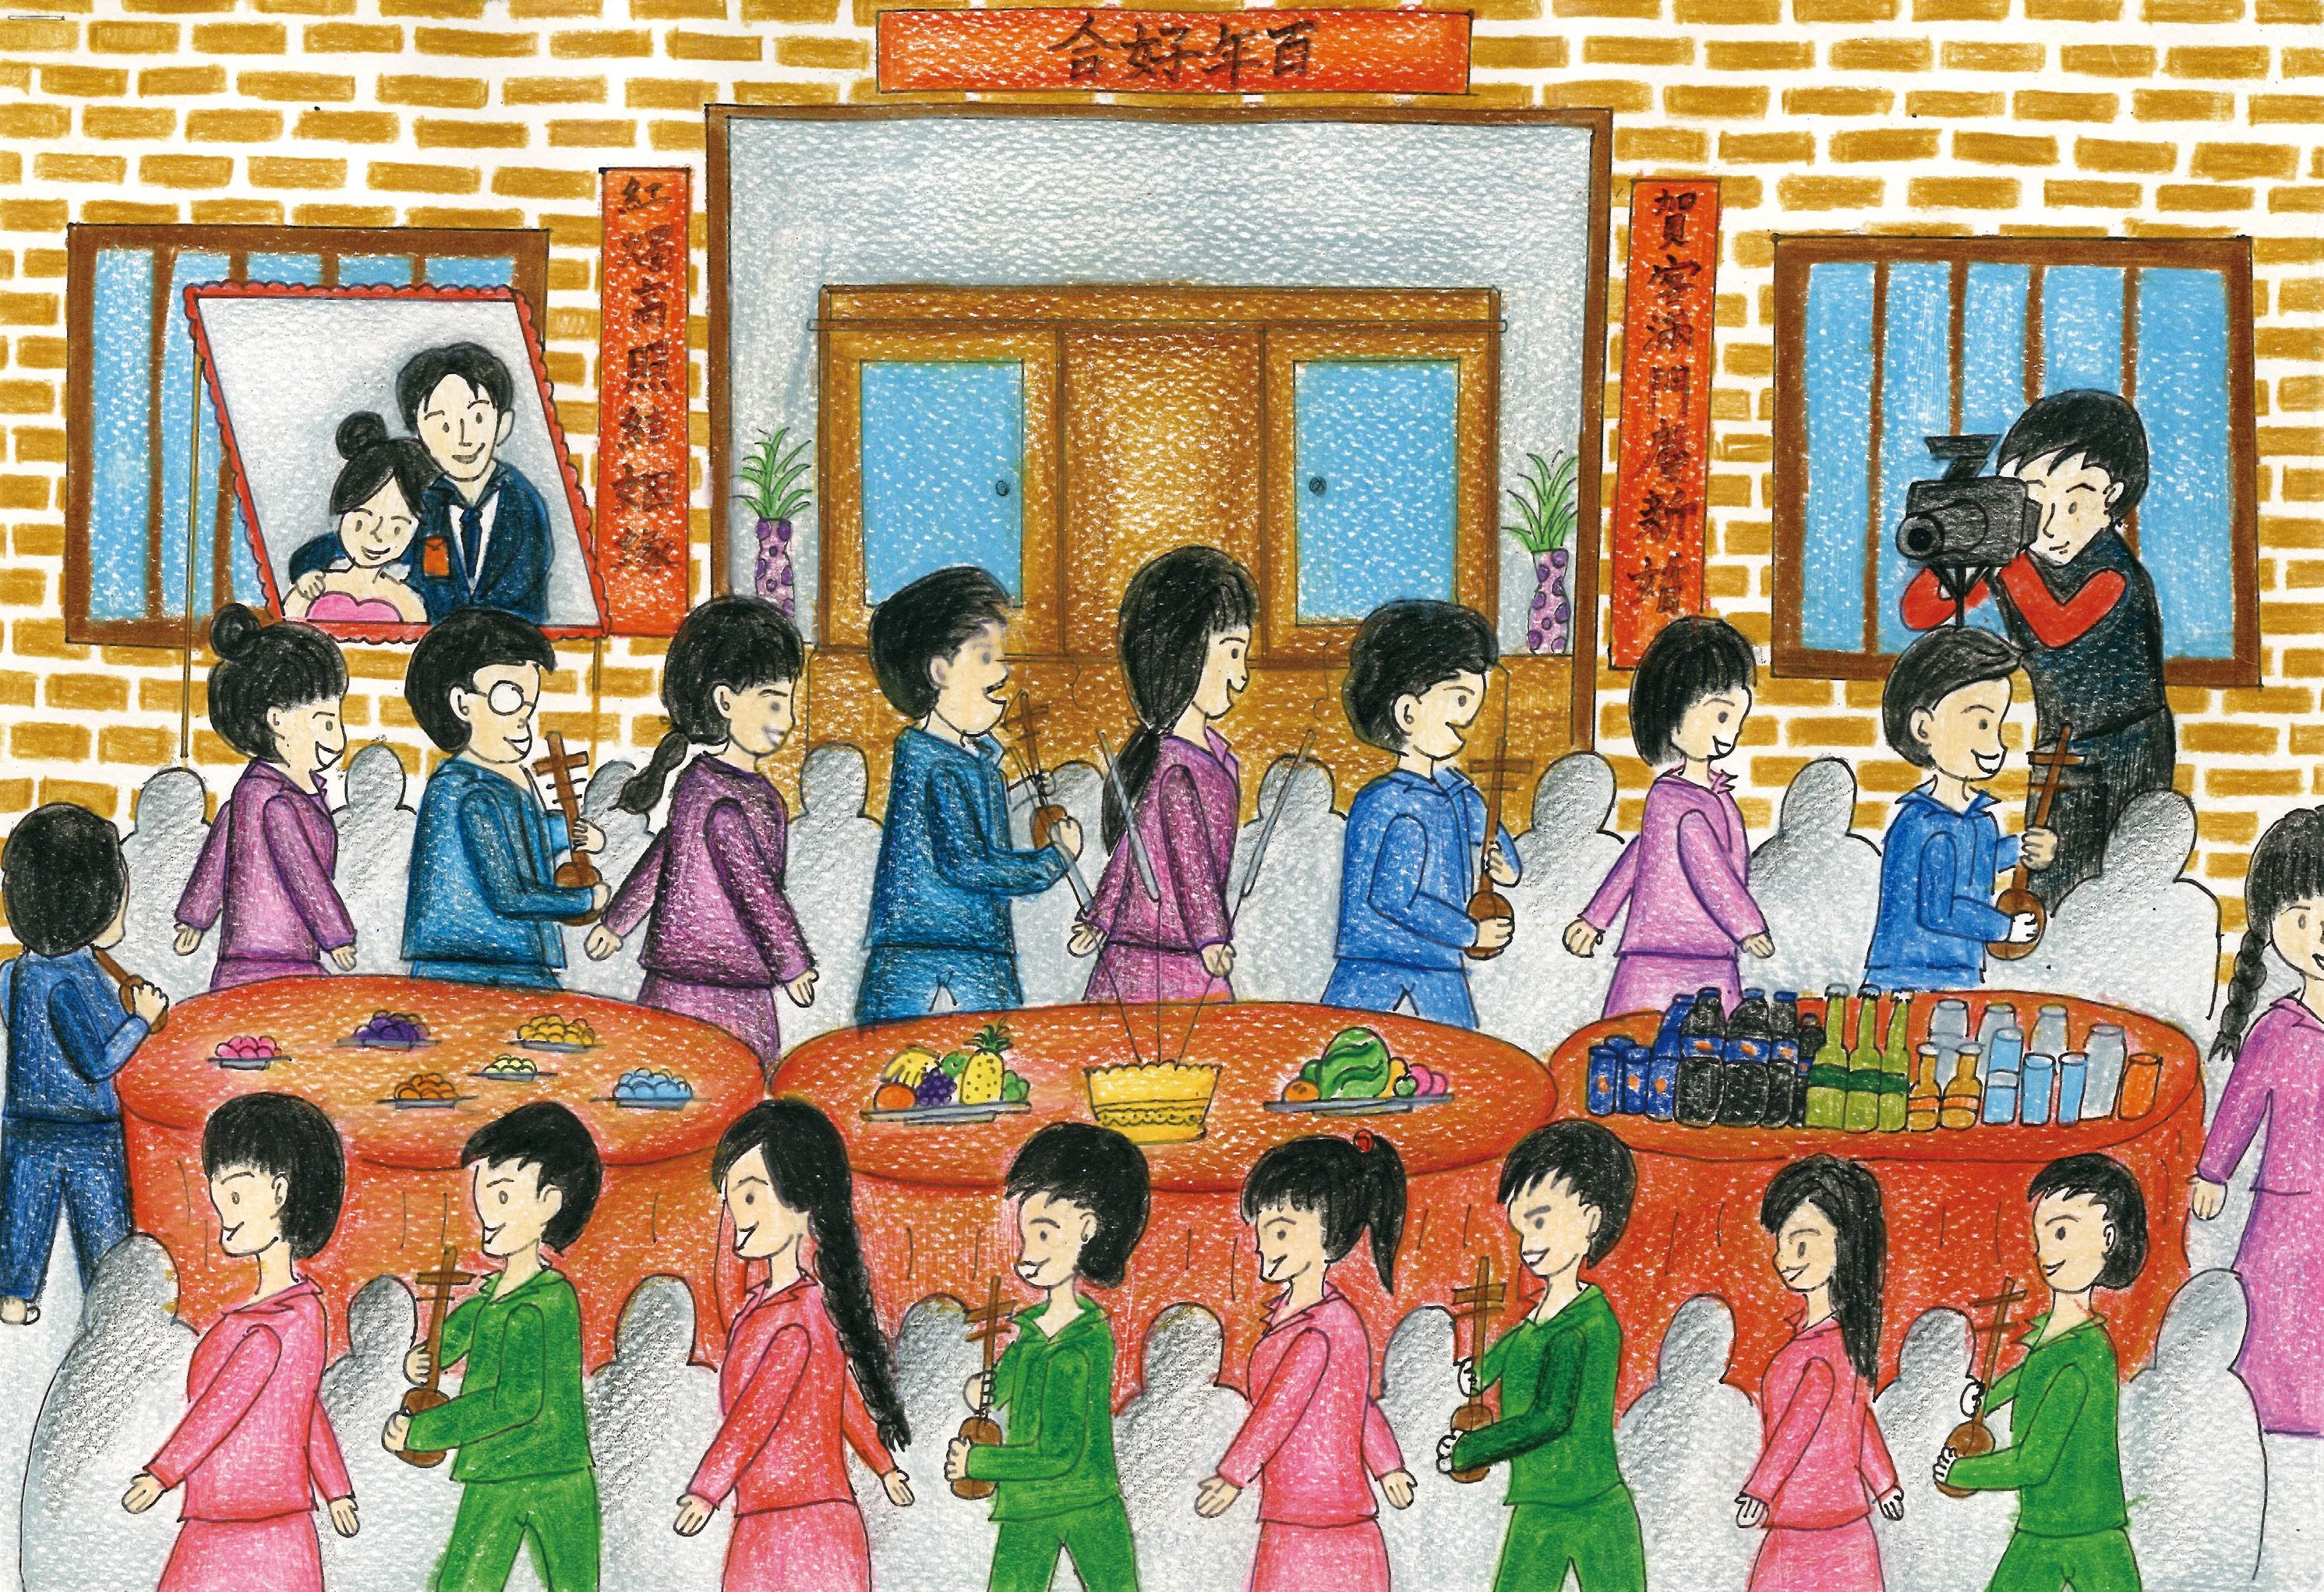 雲南傳統習俗「打歌」 一新中學王玉娟